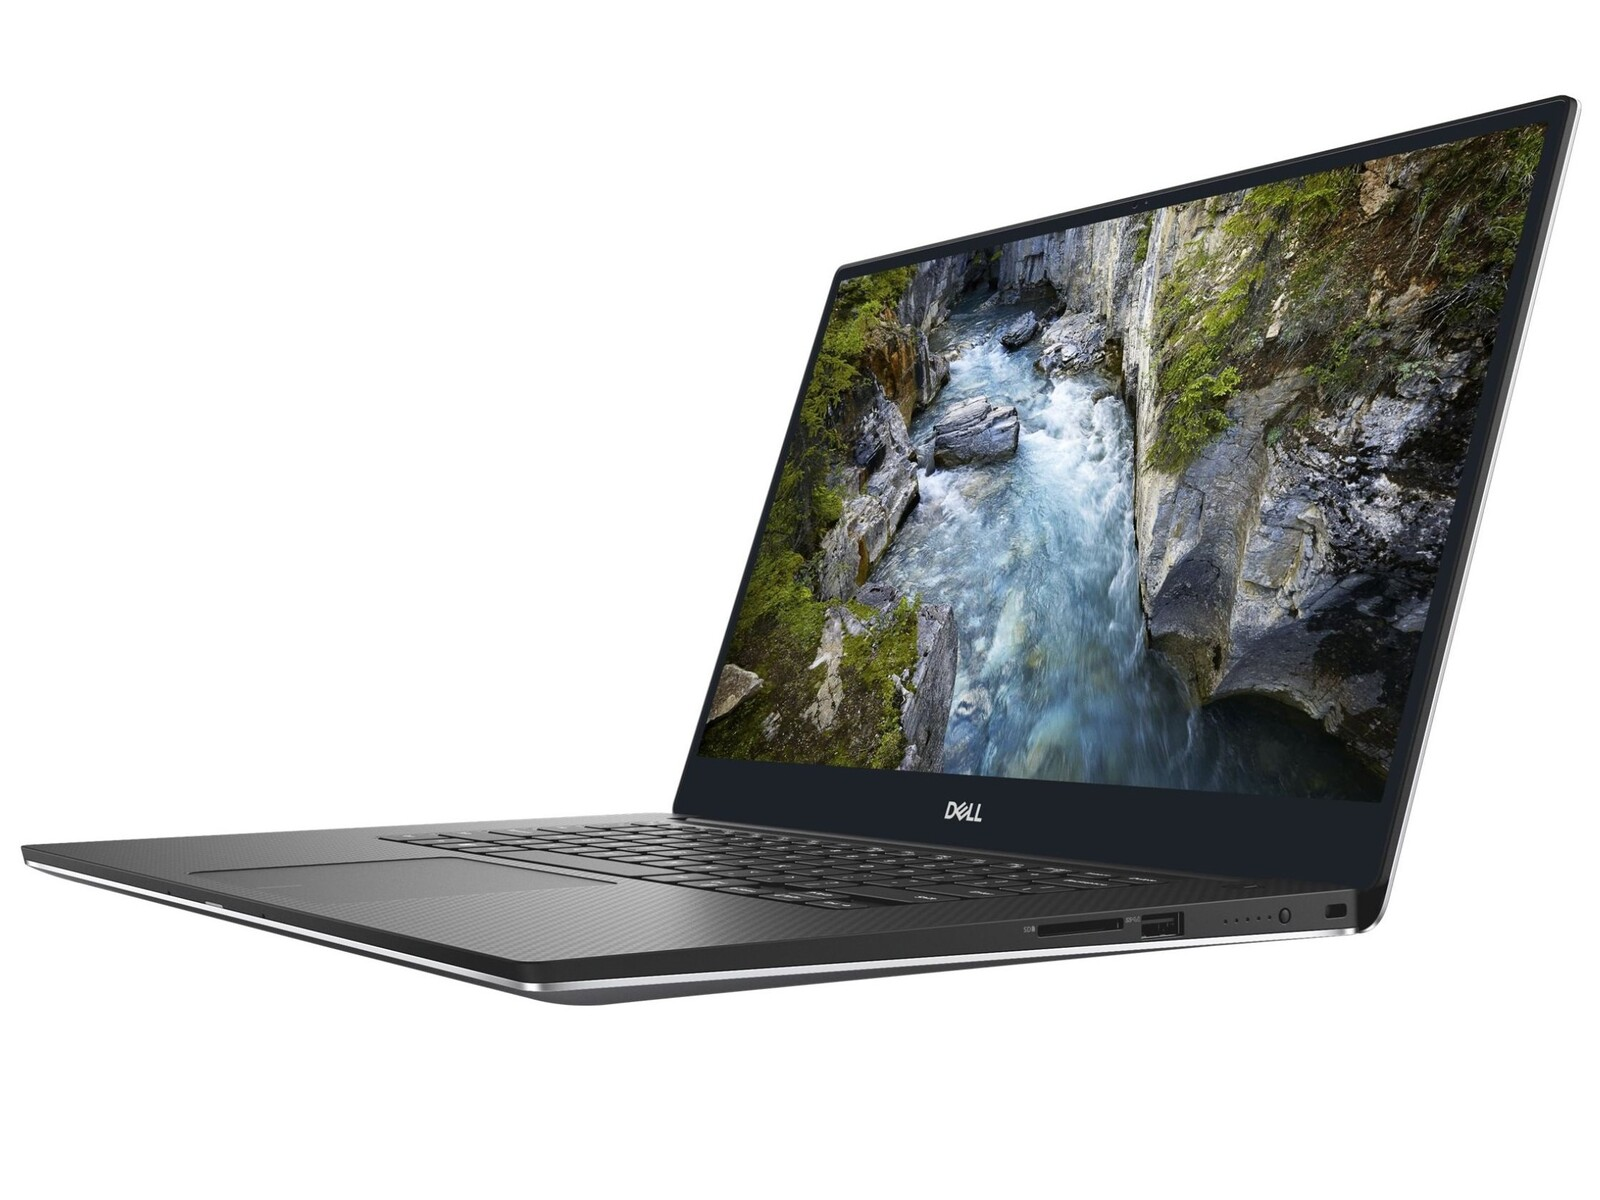 La serie Precision di Dell è tra le più apprezzate come workstation portatili per architetti.